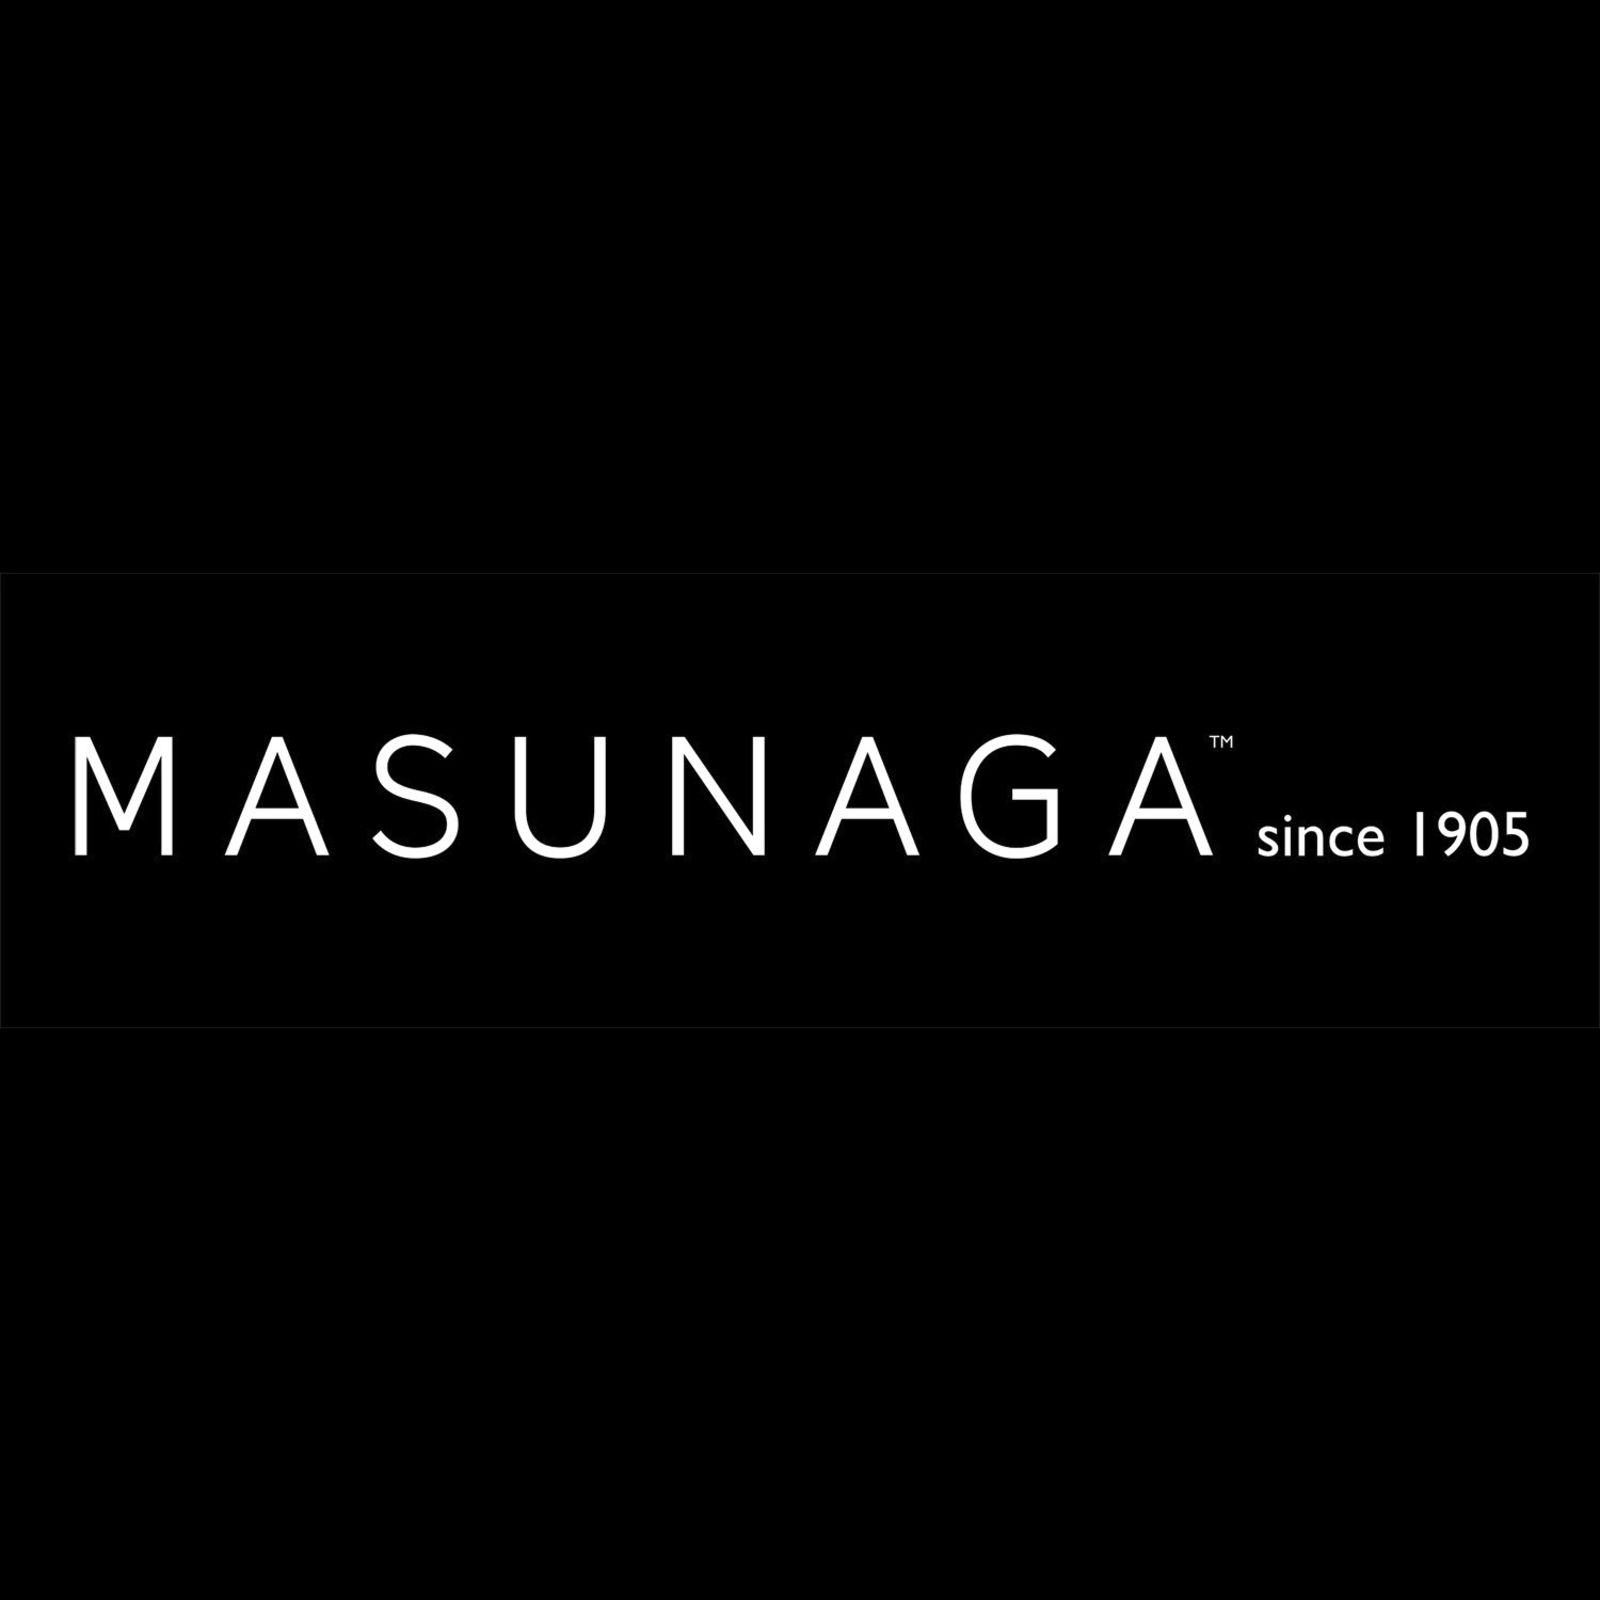 Masunaga 1905